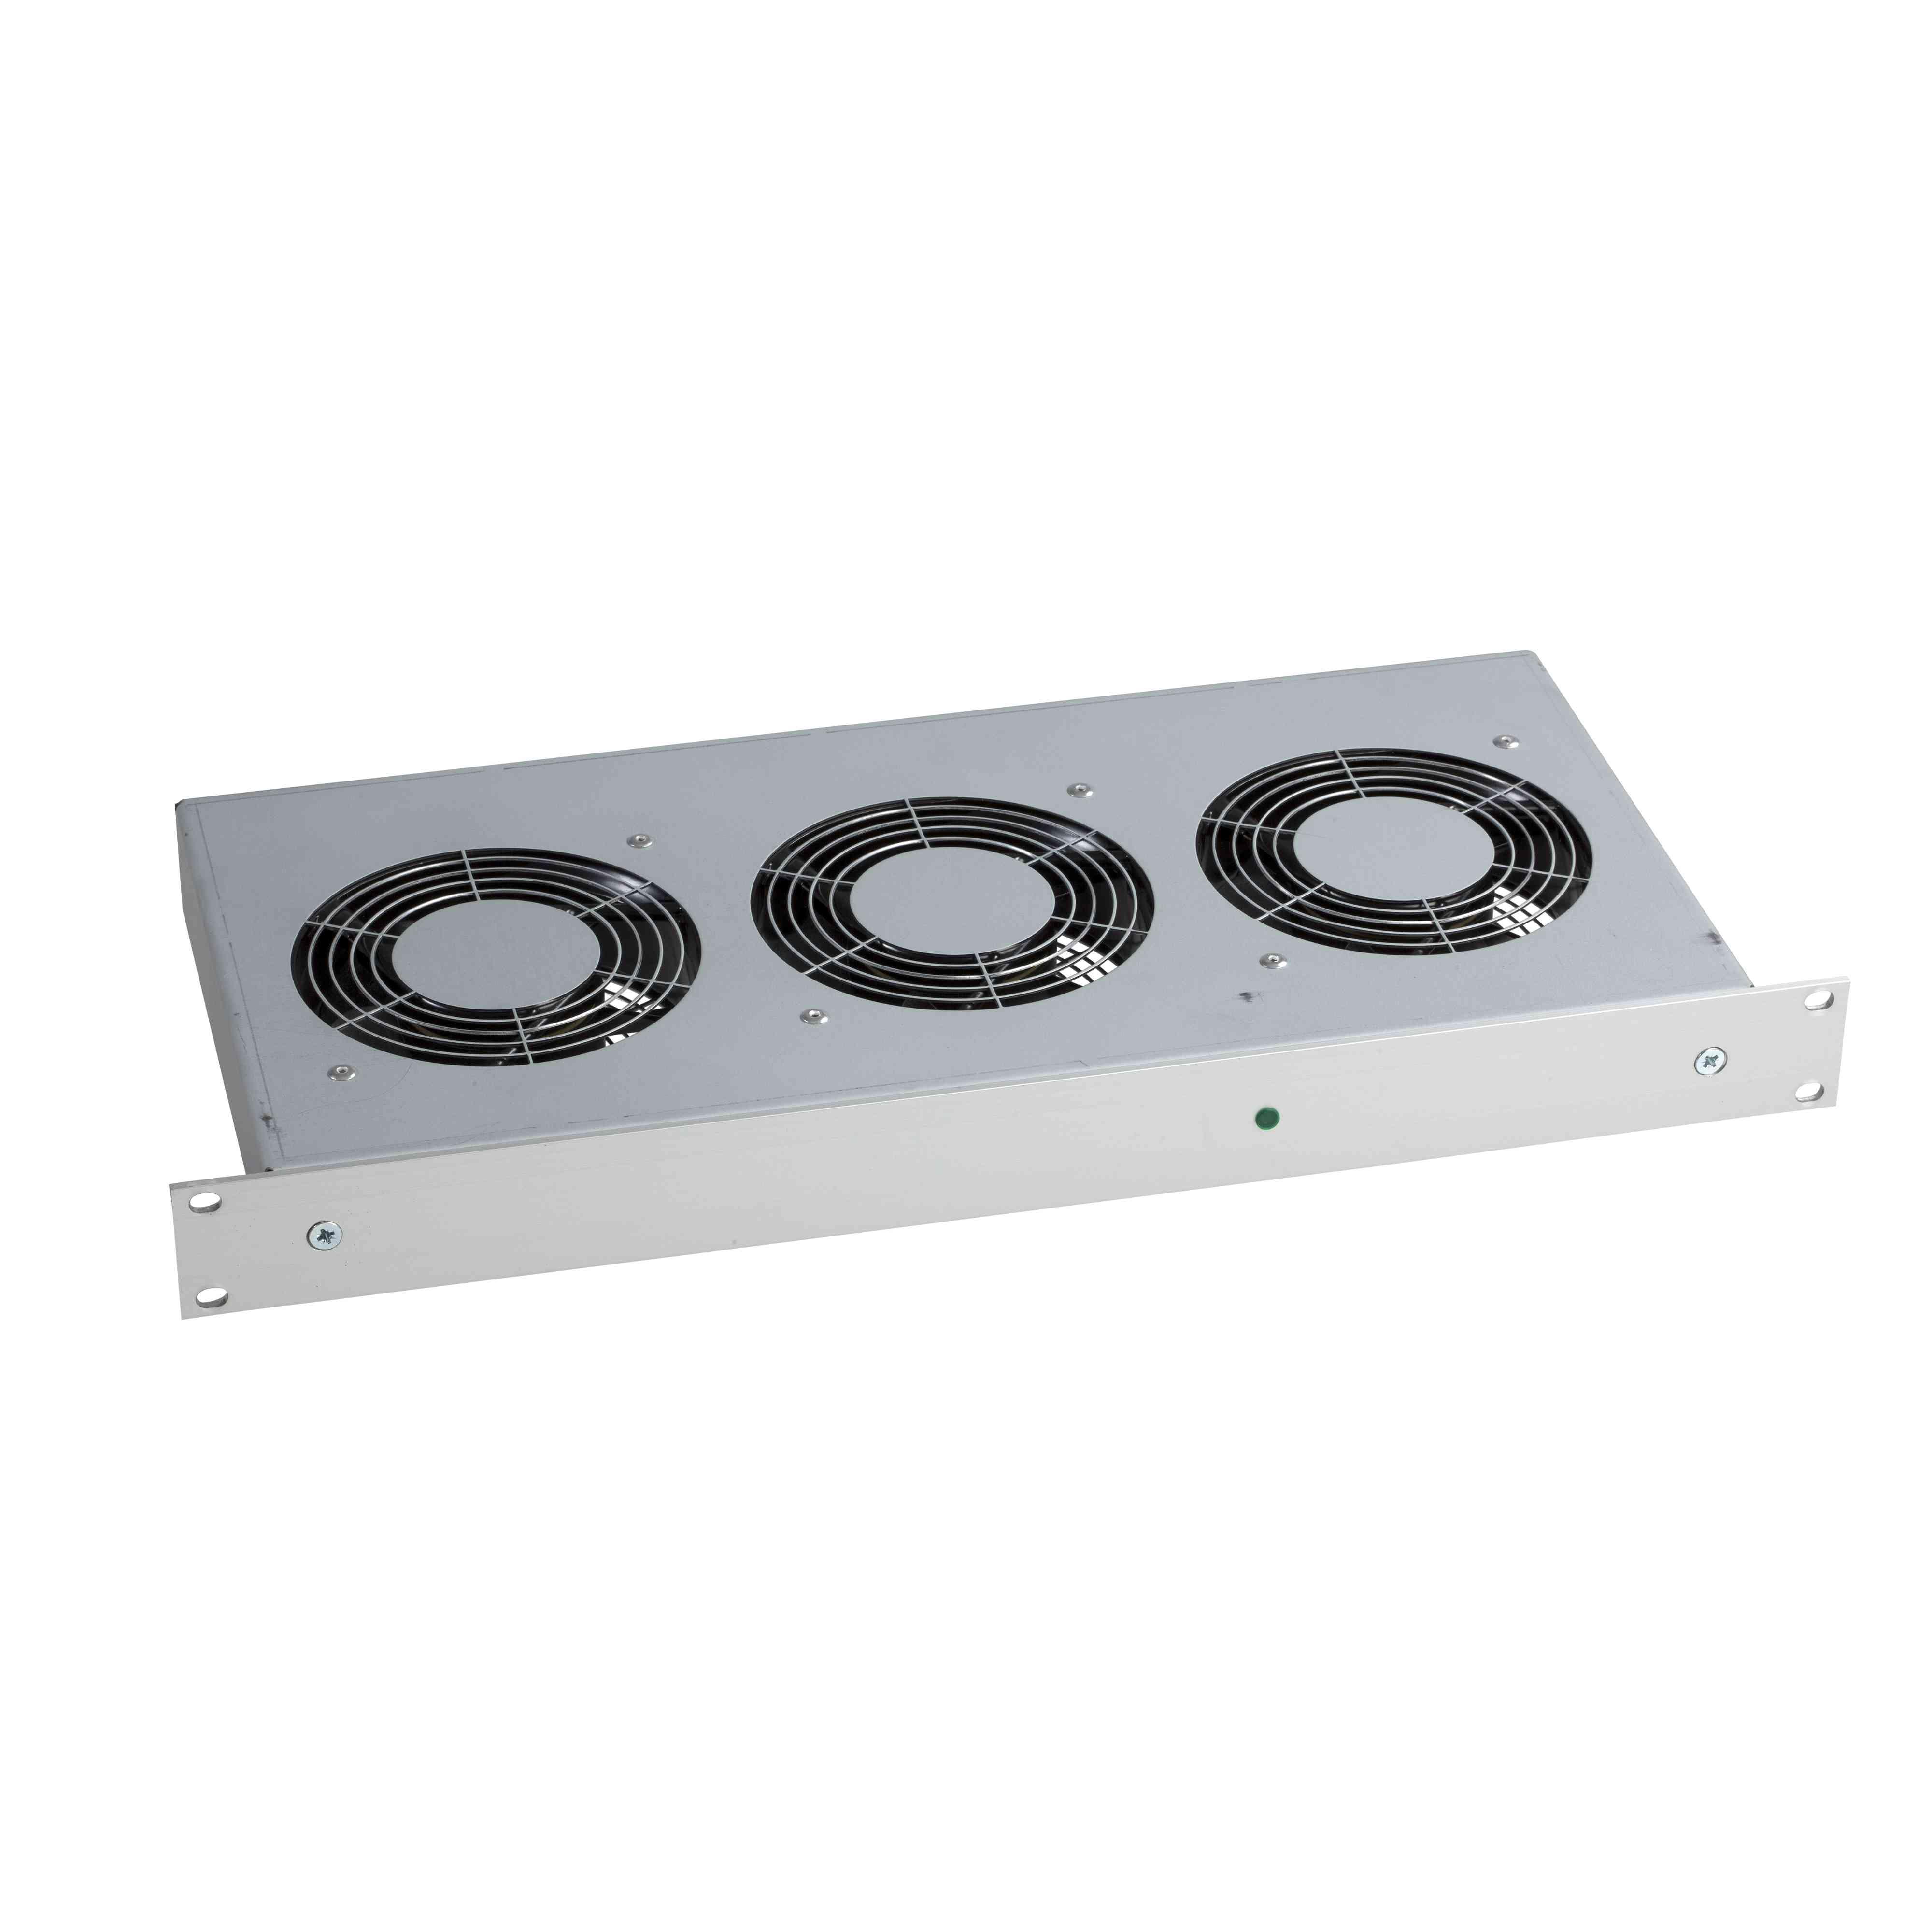 Actassi - mešalni predal  - 43 dB - 486 m3/h